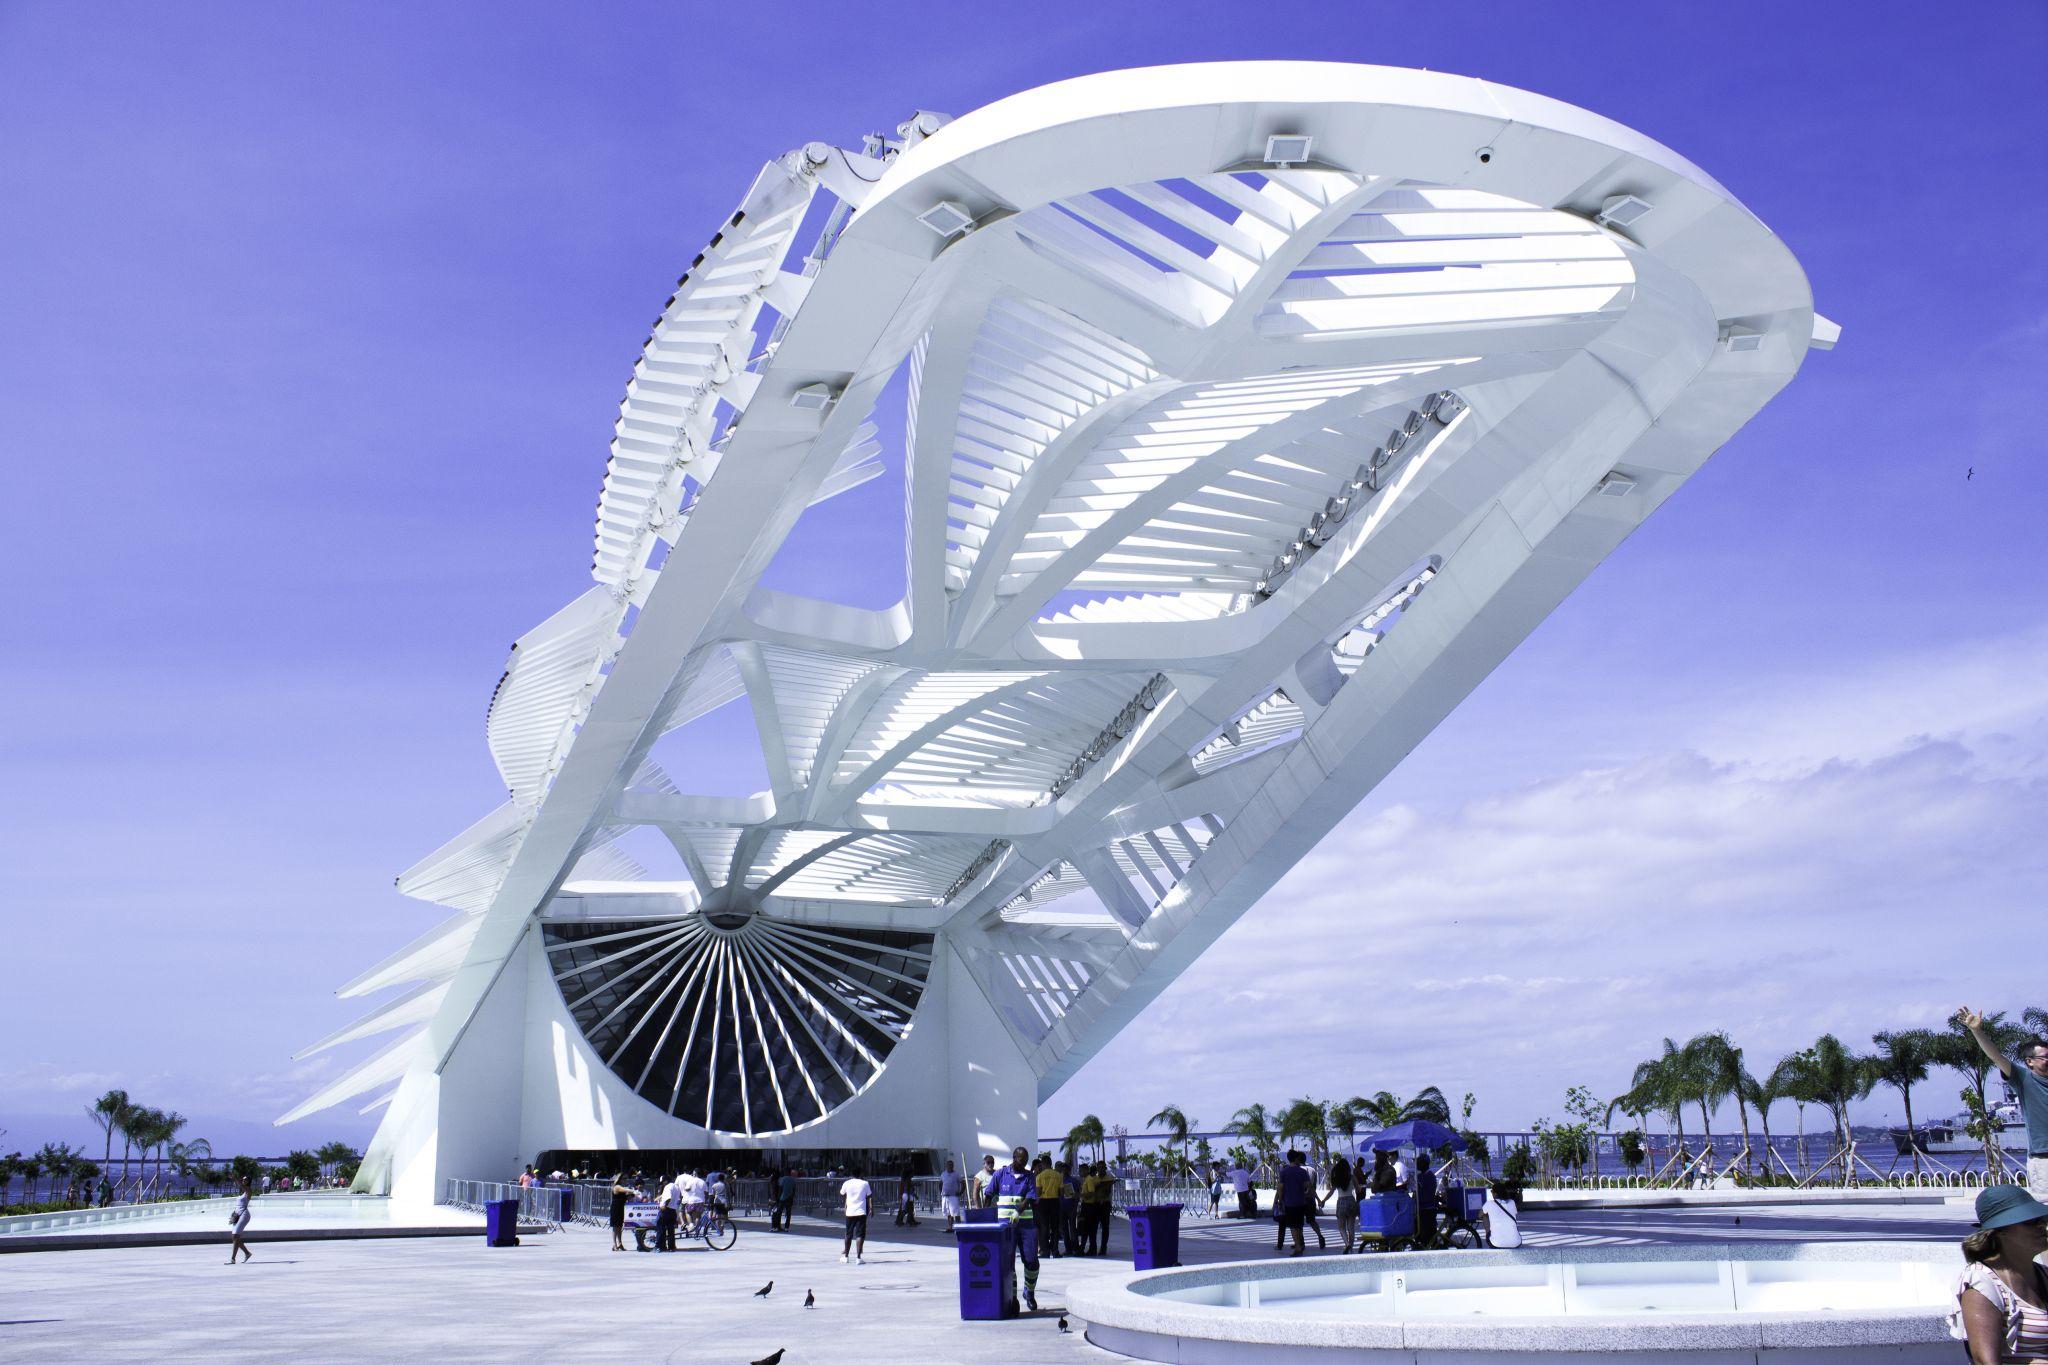 Museu do Amanhã, Brazil